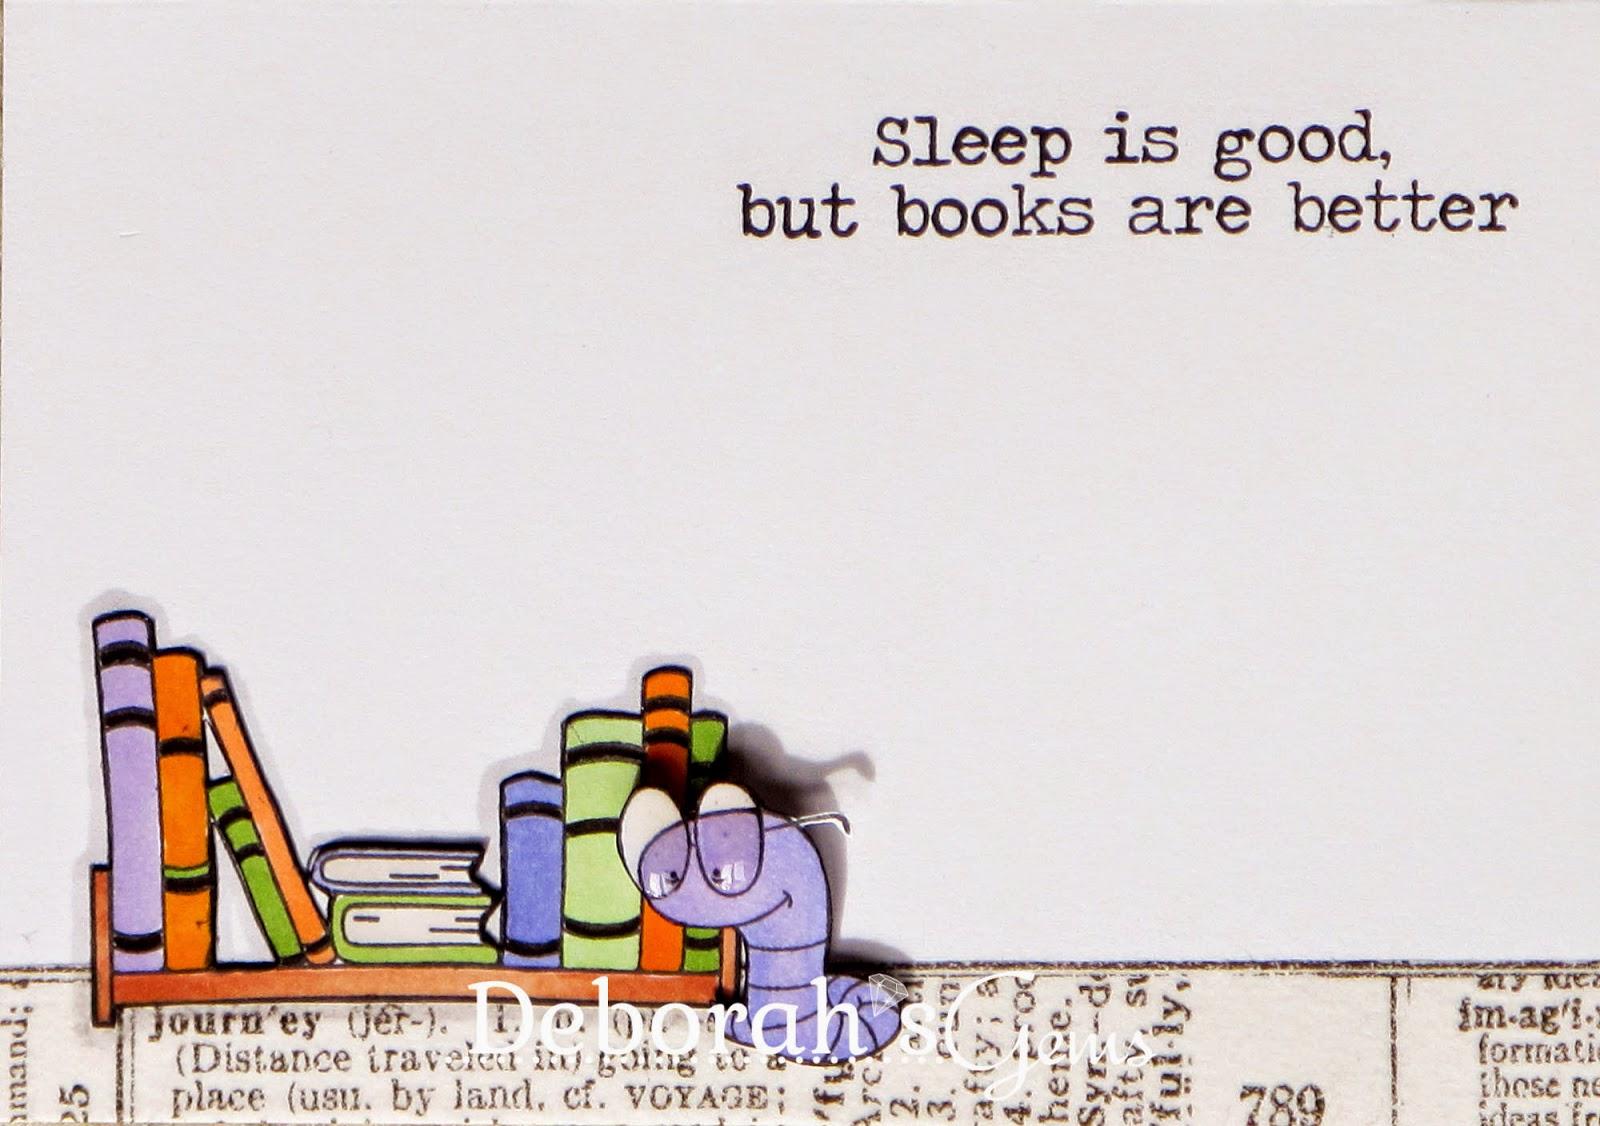 Book Worm - photo by Deborah Frings - Deborah's Gems